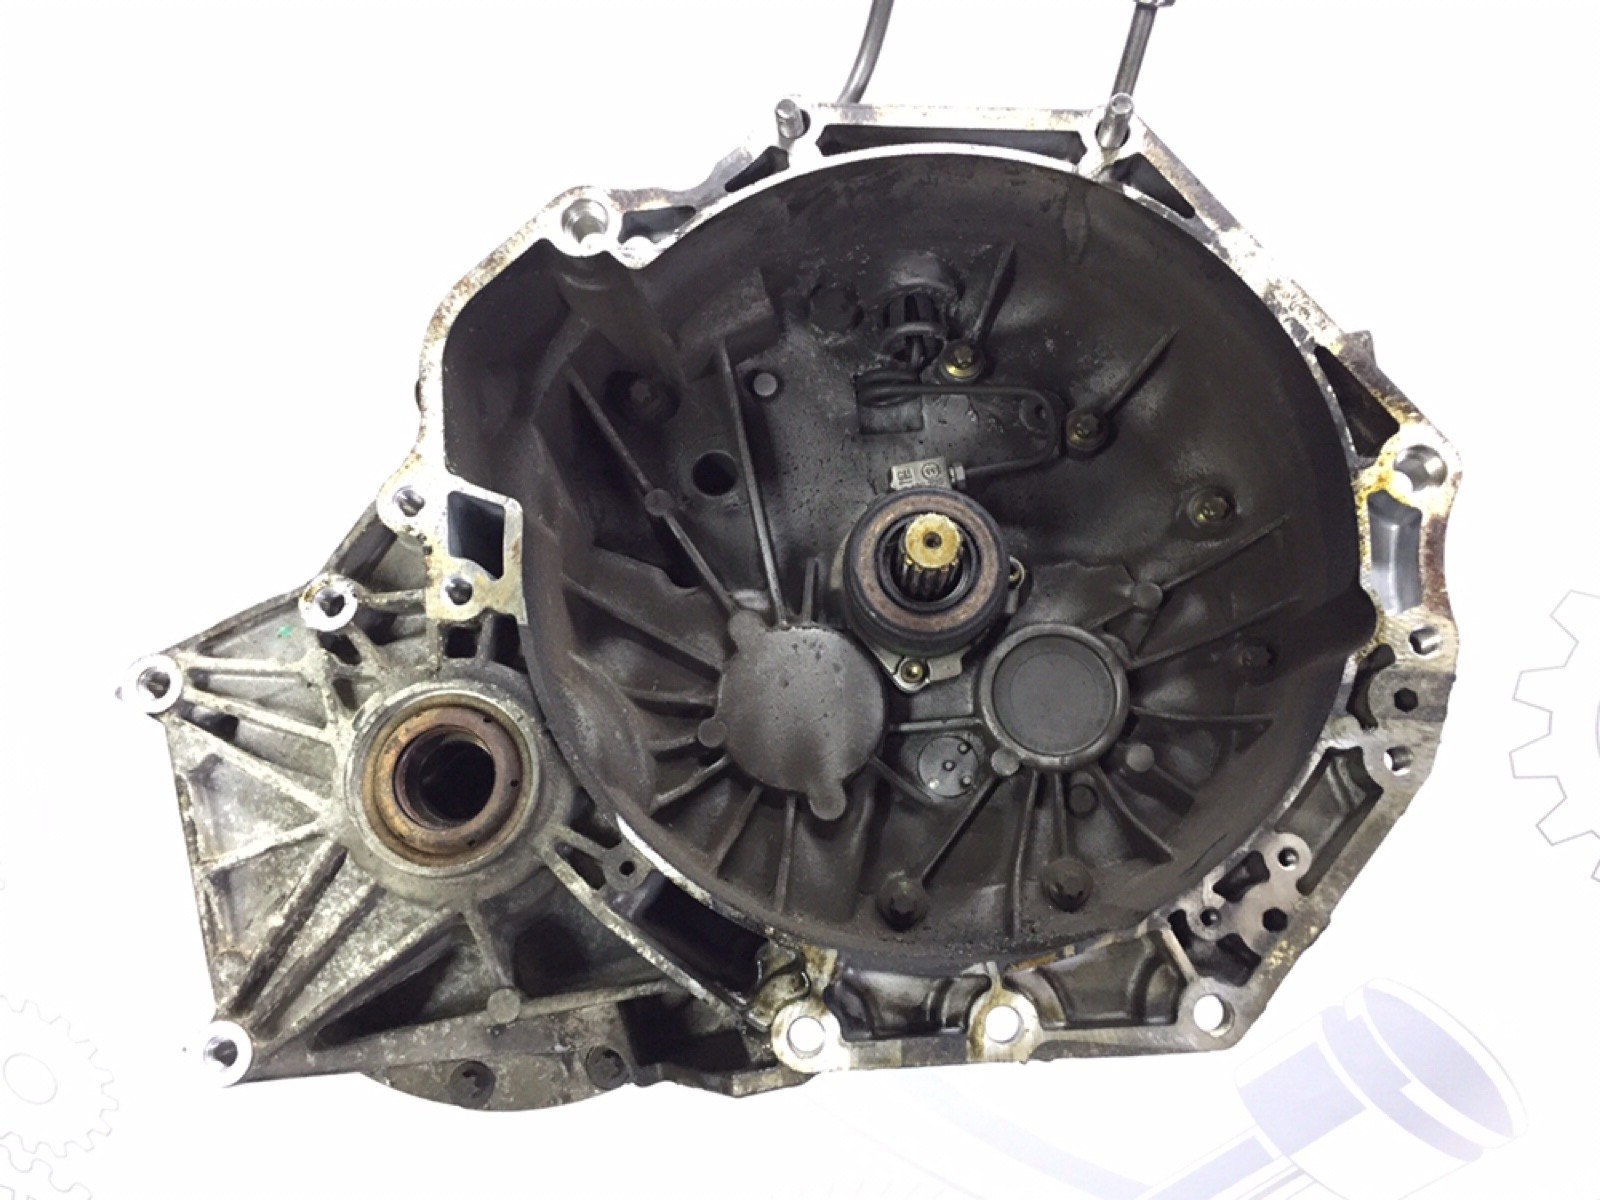 Кпп механическая (мкпп) Opel Vectra B 2.0 I 2000 (б/у)